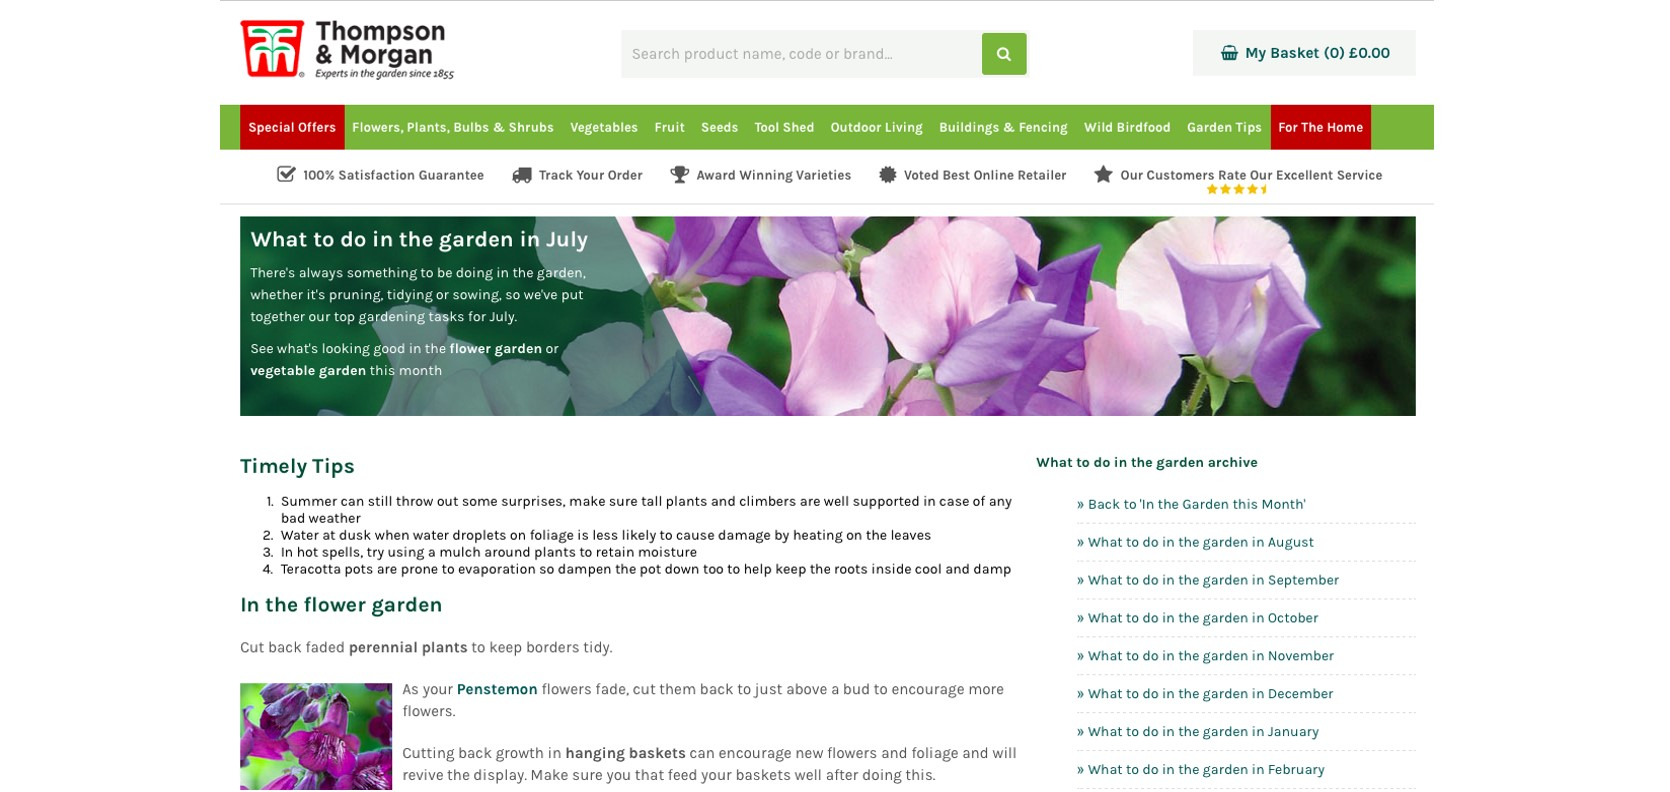 Gardening website